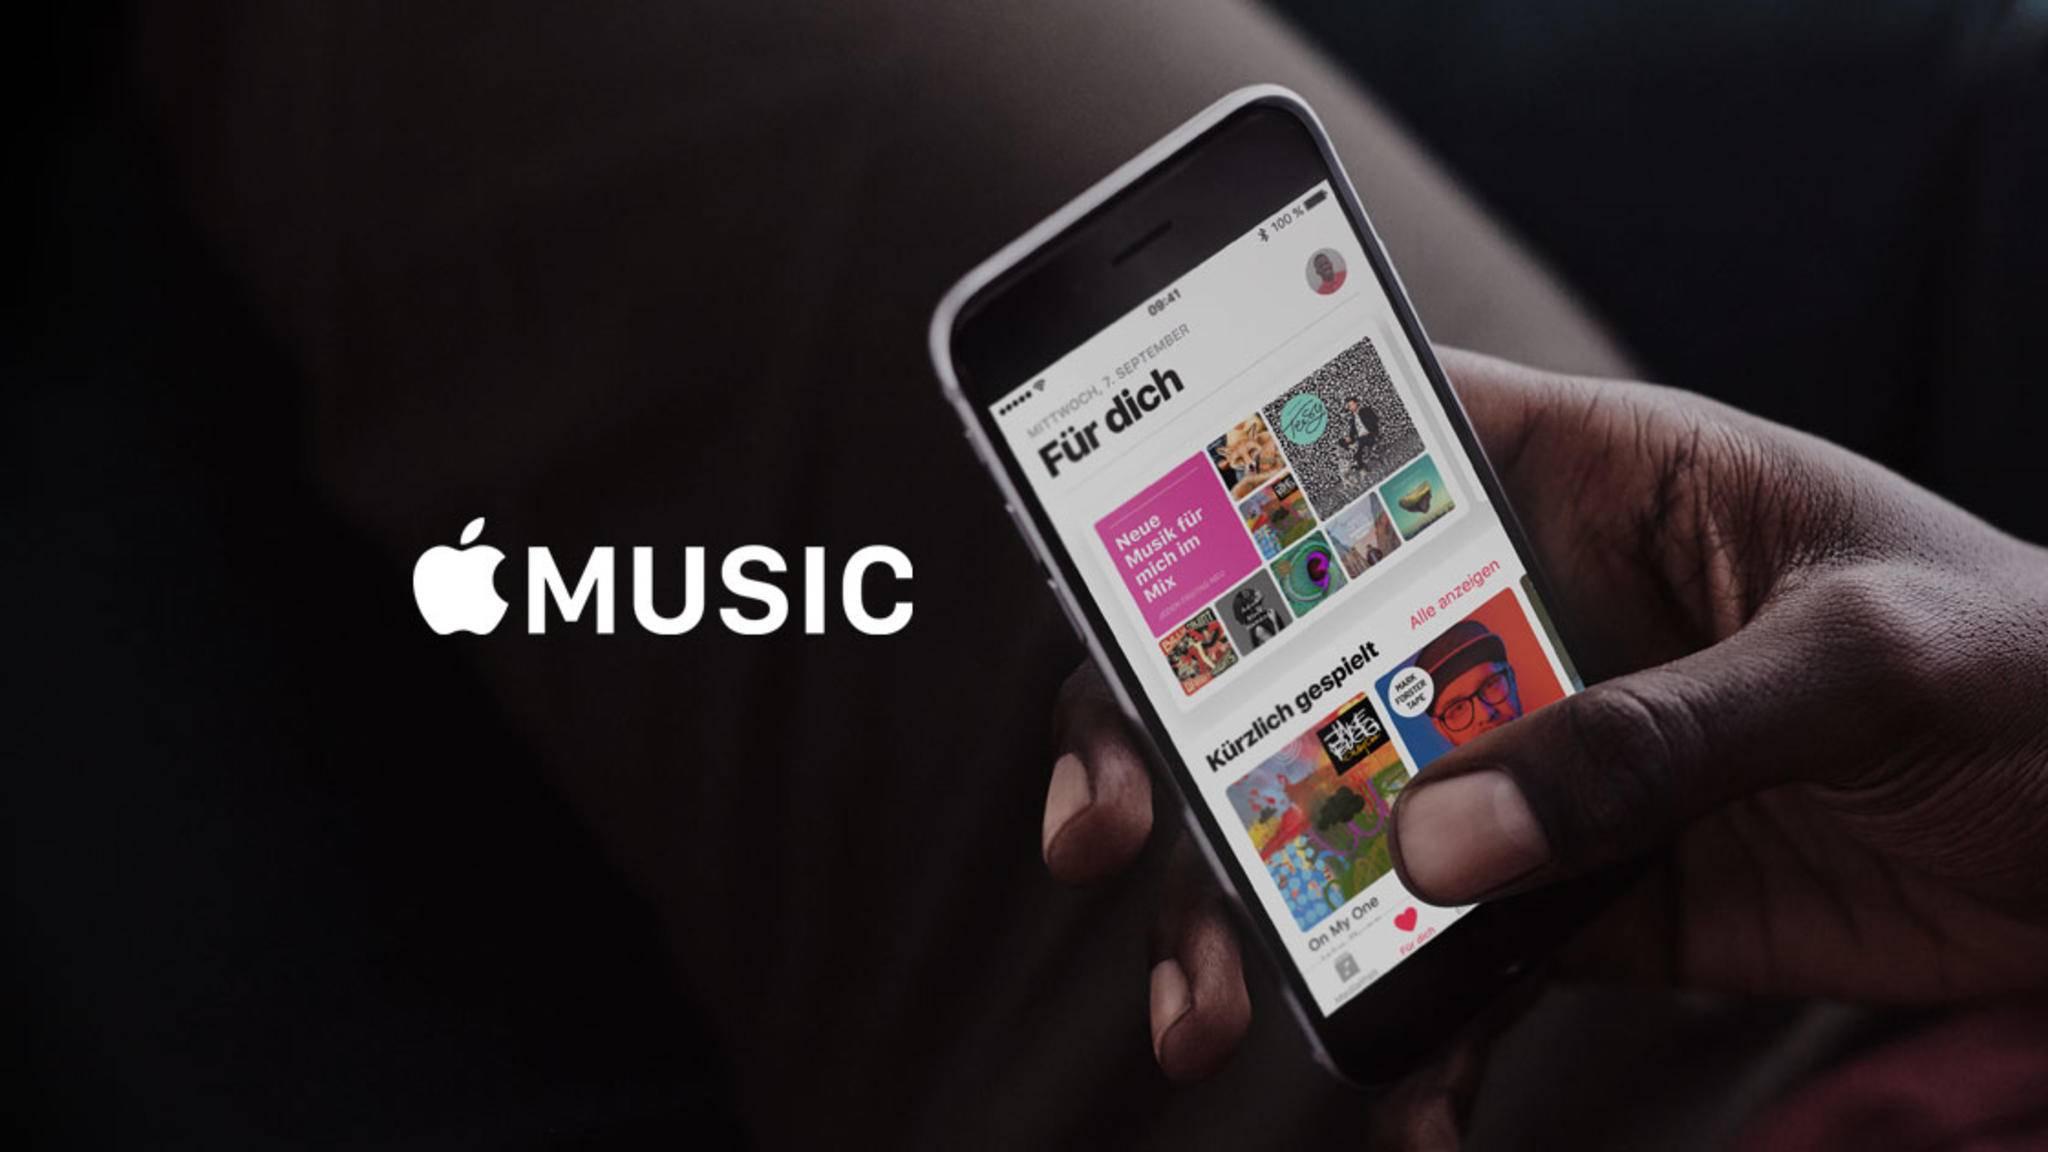 Viele streamen Musik heutzutage lieber, anstatt sie zu kaufen.